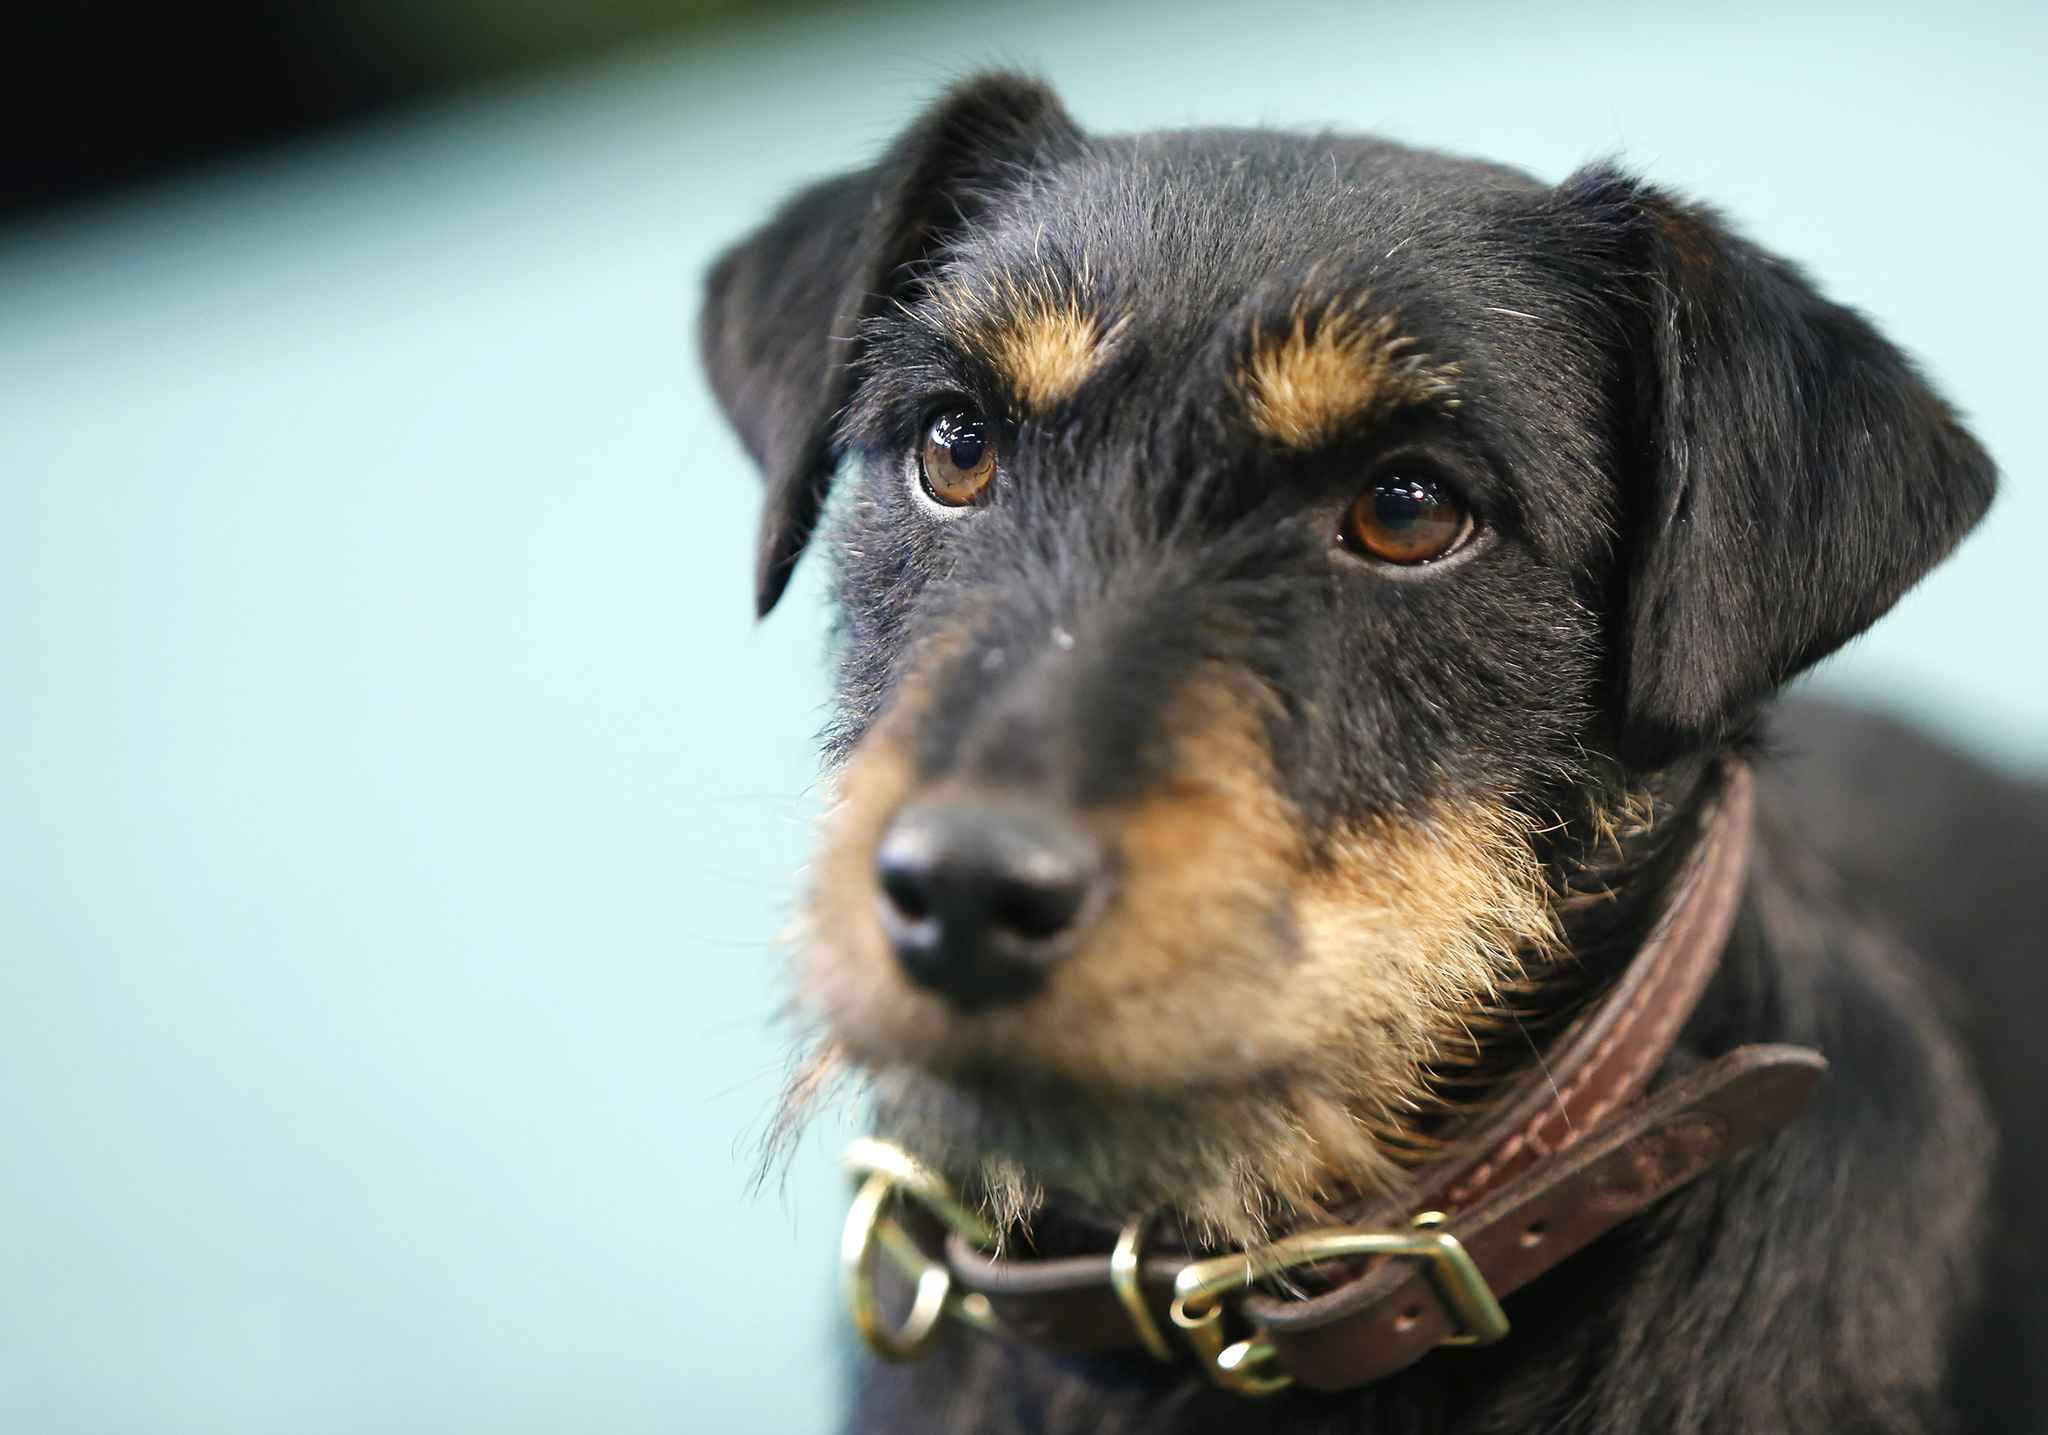 Dordogne. Coincée dans un terrier, la chienne introuvable depuis 7 jours